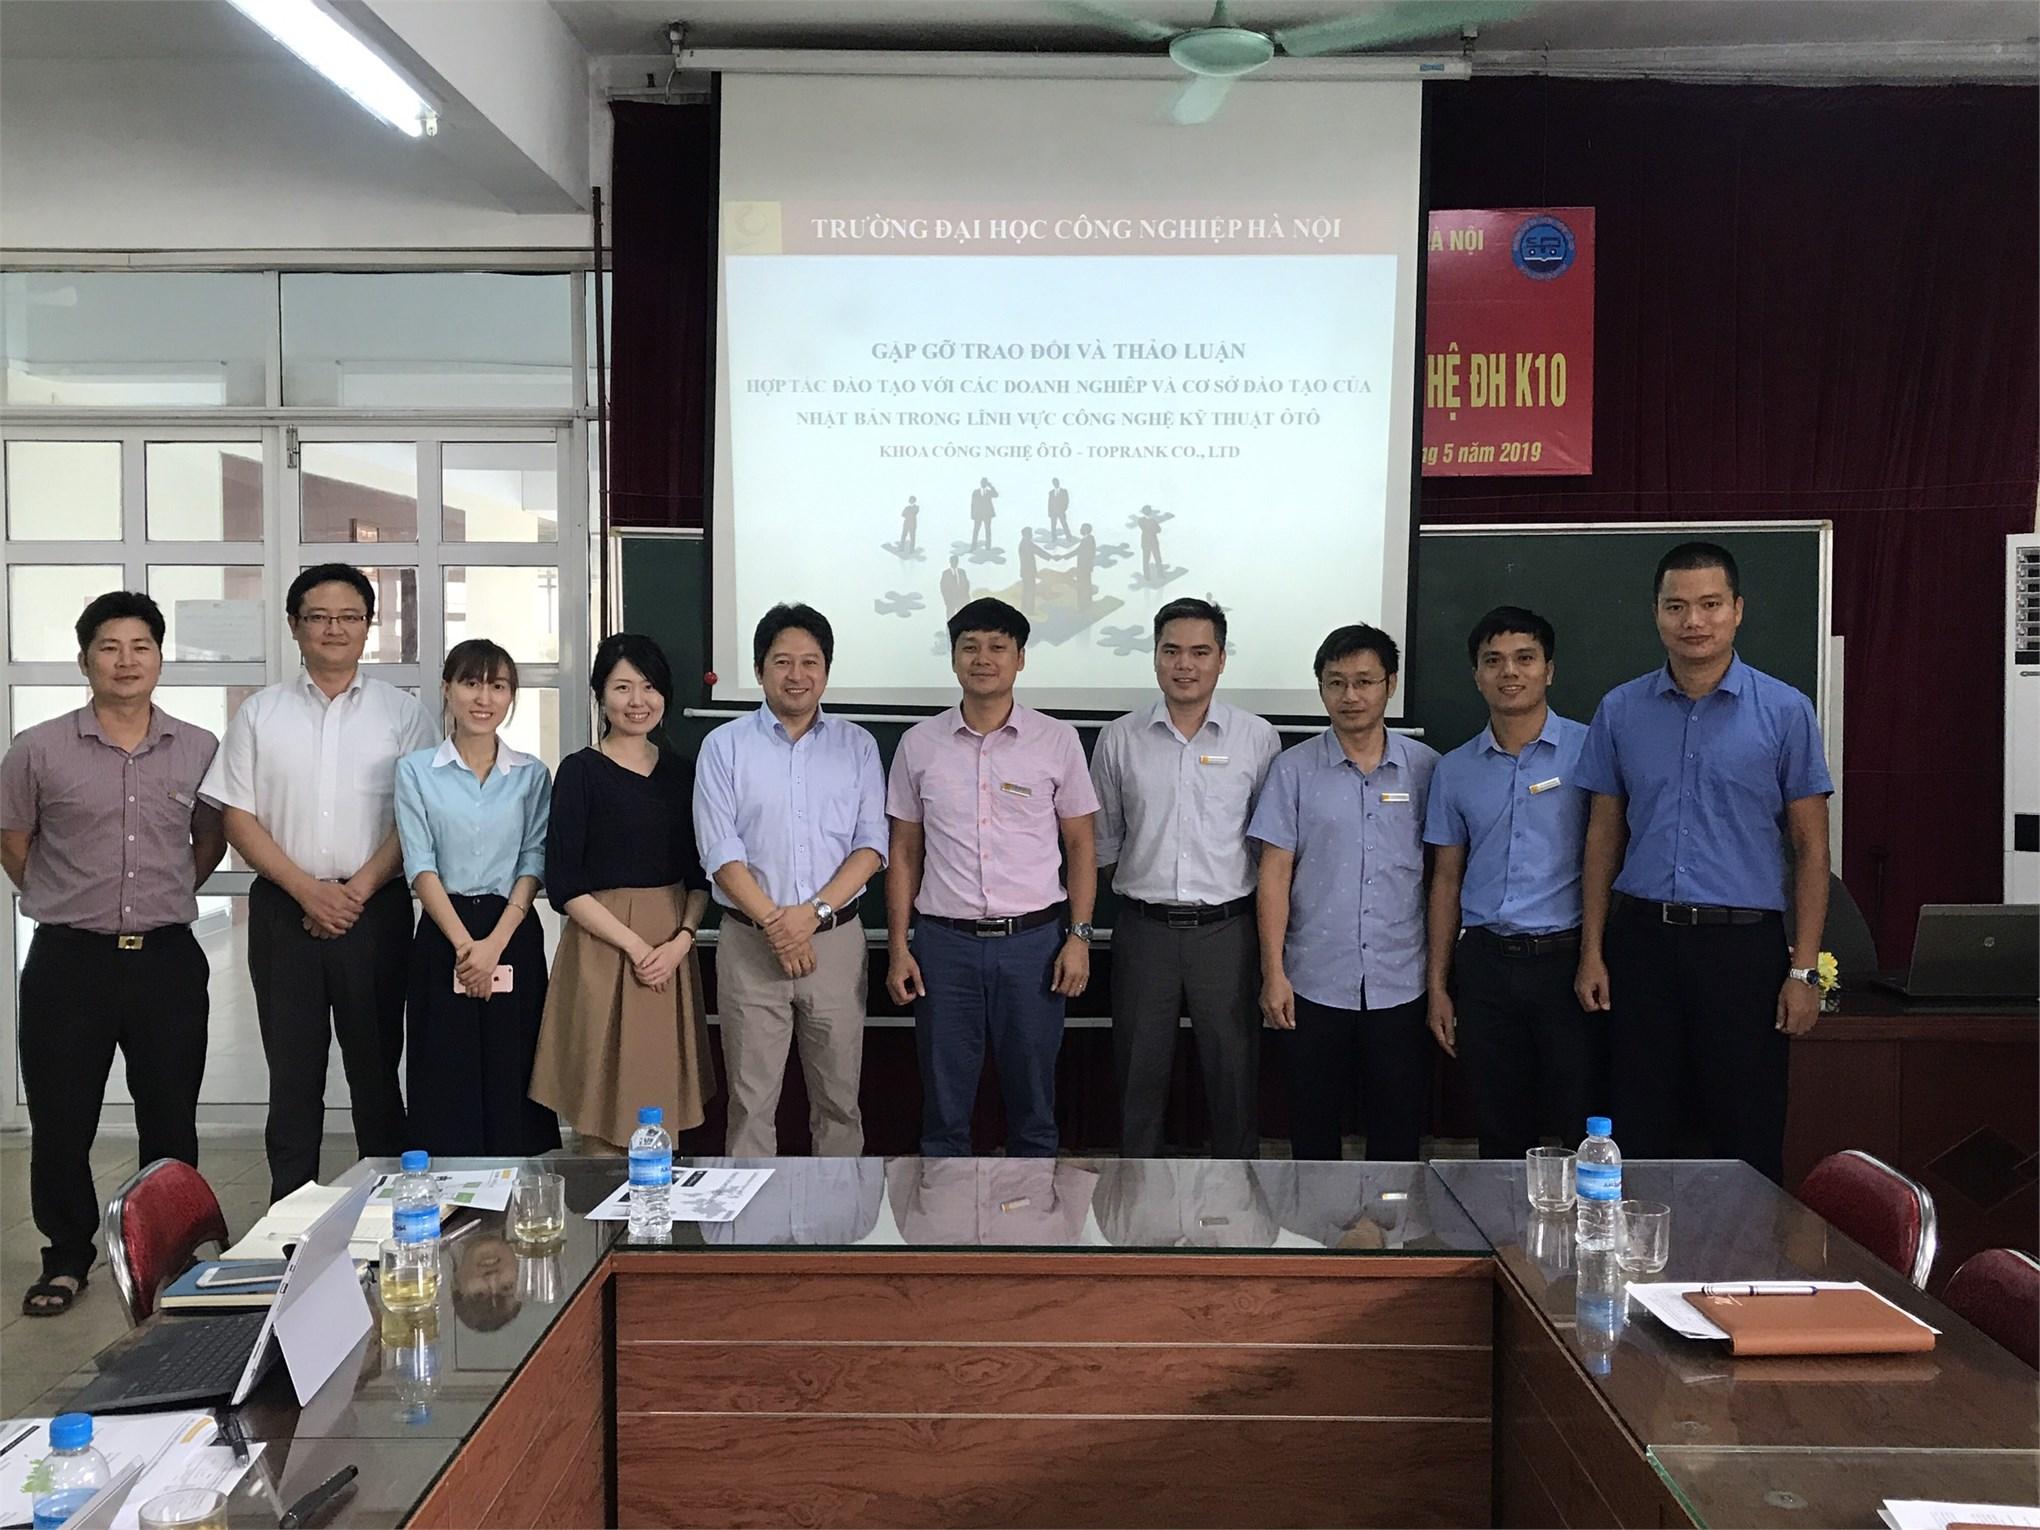 Trao đổi thảo luận hợp tác đào tạo với các doanh nghiệp và cơ sở đào tạo của Nhật Bản trong lĩnh vực Công nghệ Ô tô.